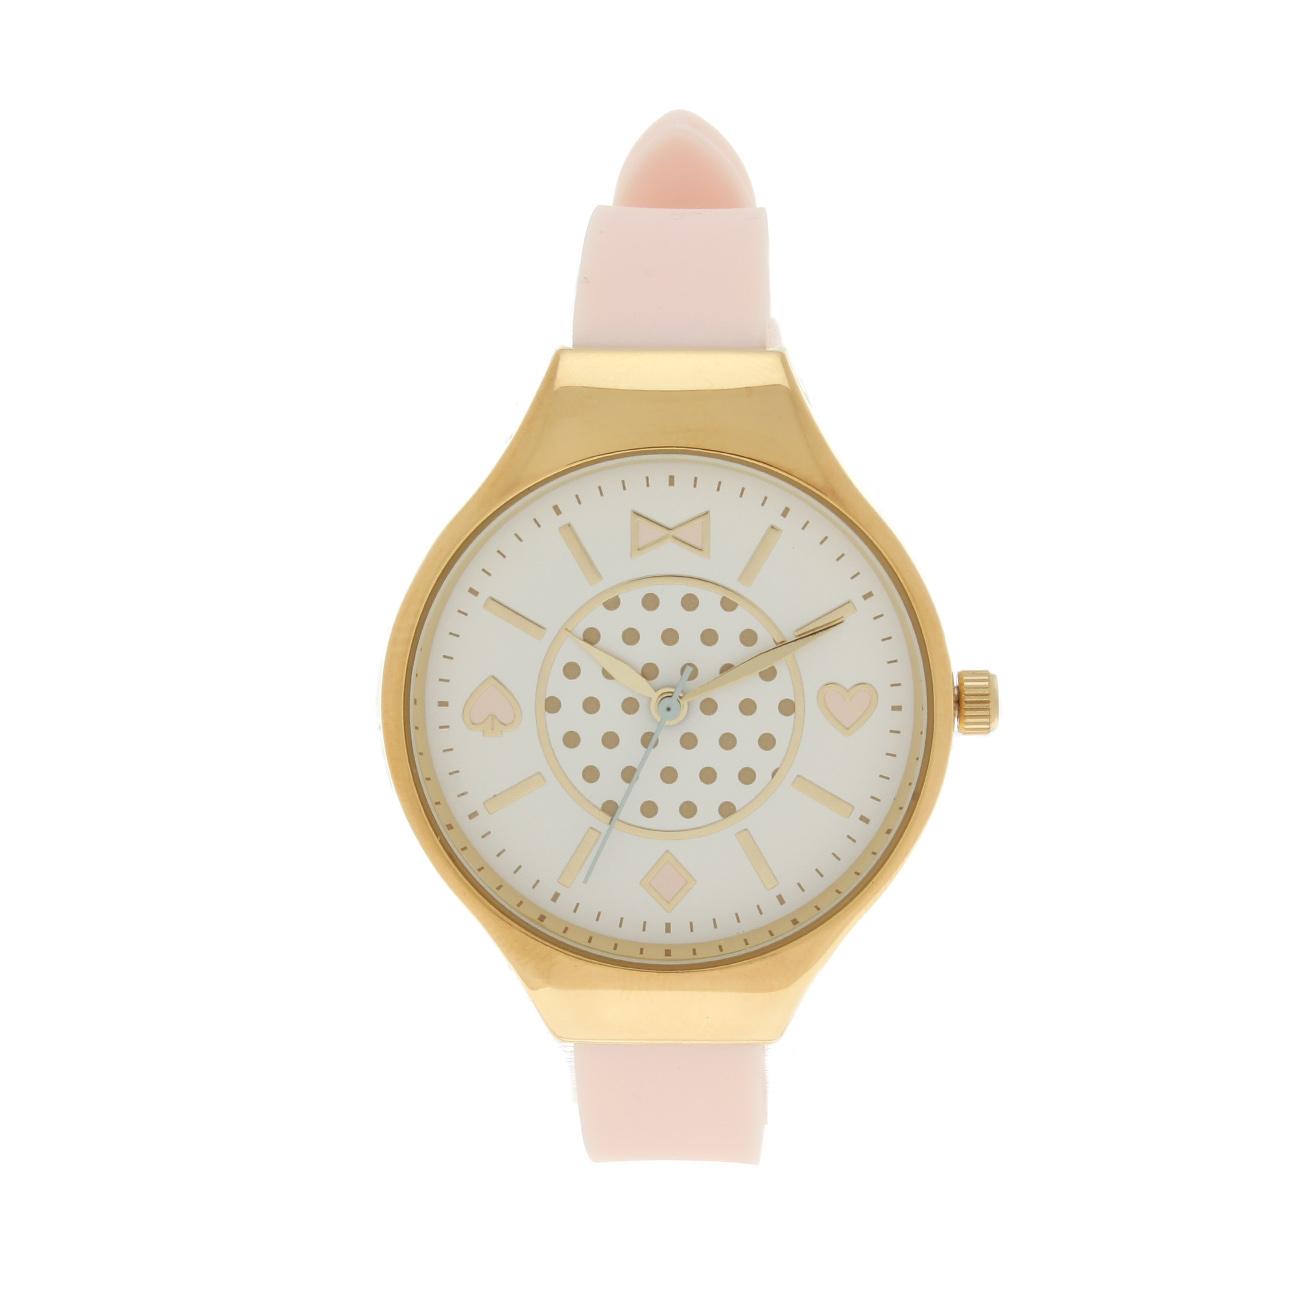 【passage mignon (パサージュ ミニョン)】メタルフレームウォッチレディース 雑貨|腕時計 ピンク系